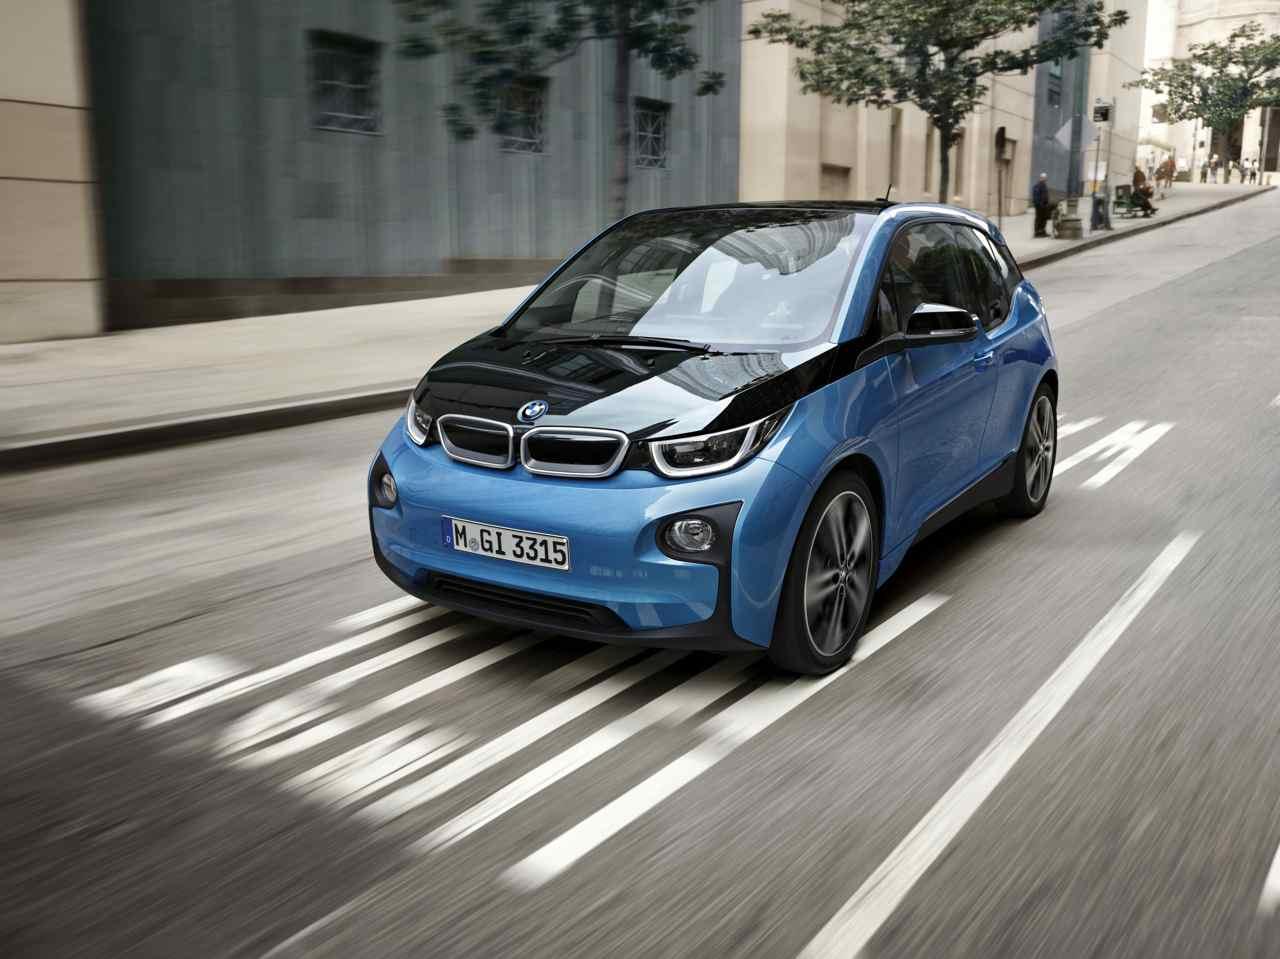 BMW i3 33 kWh 2016 21